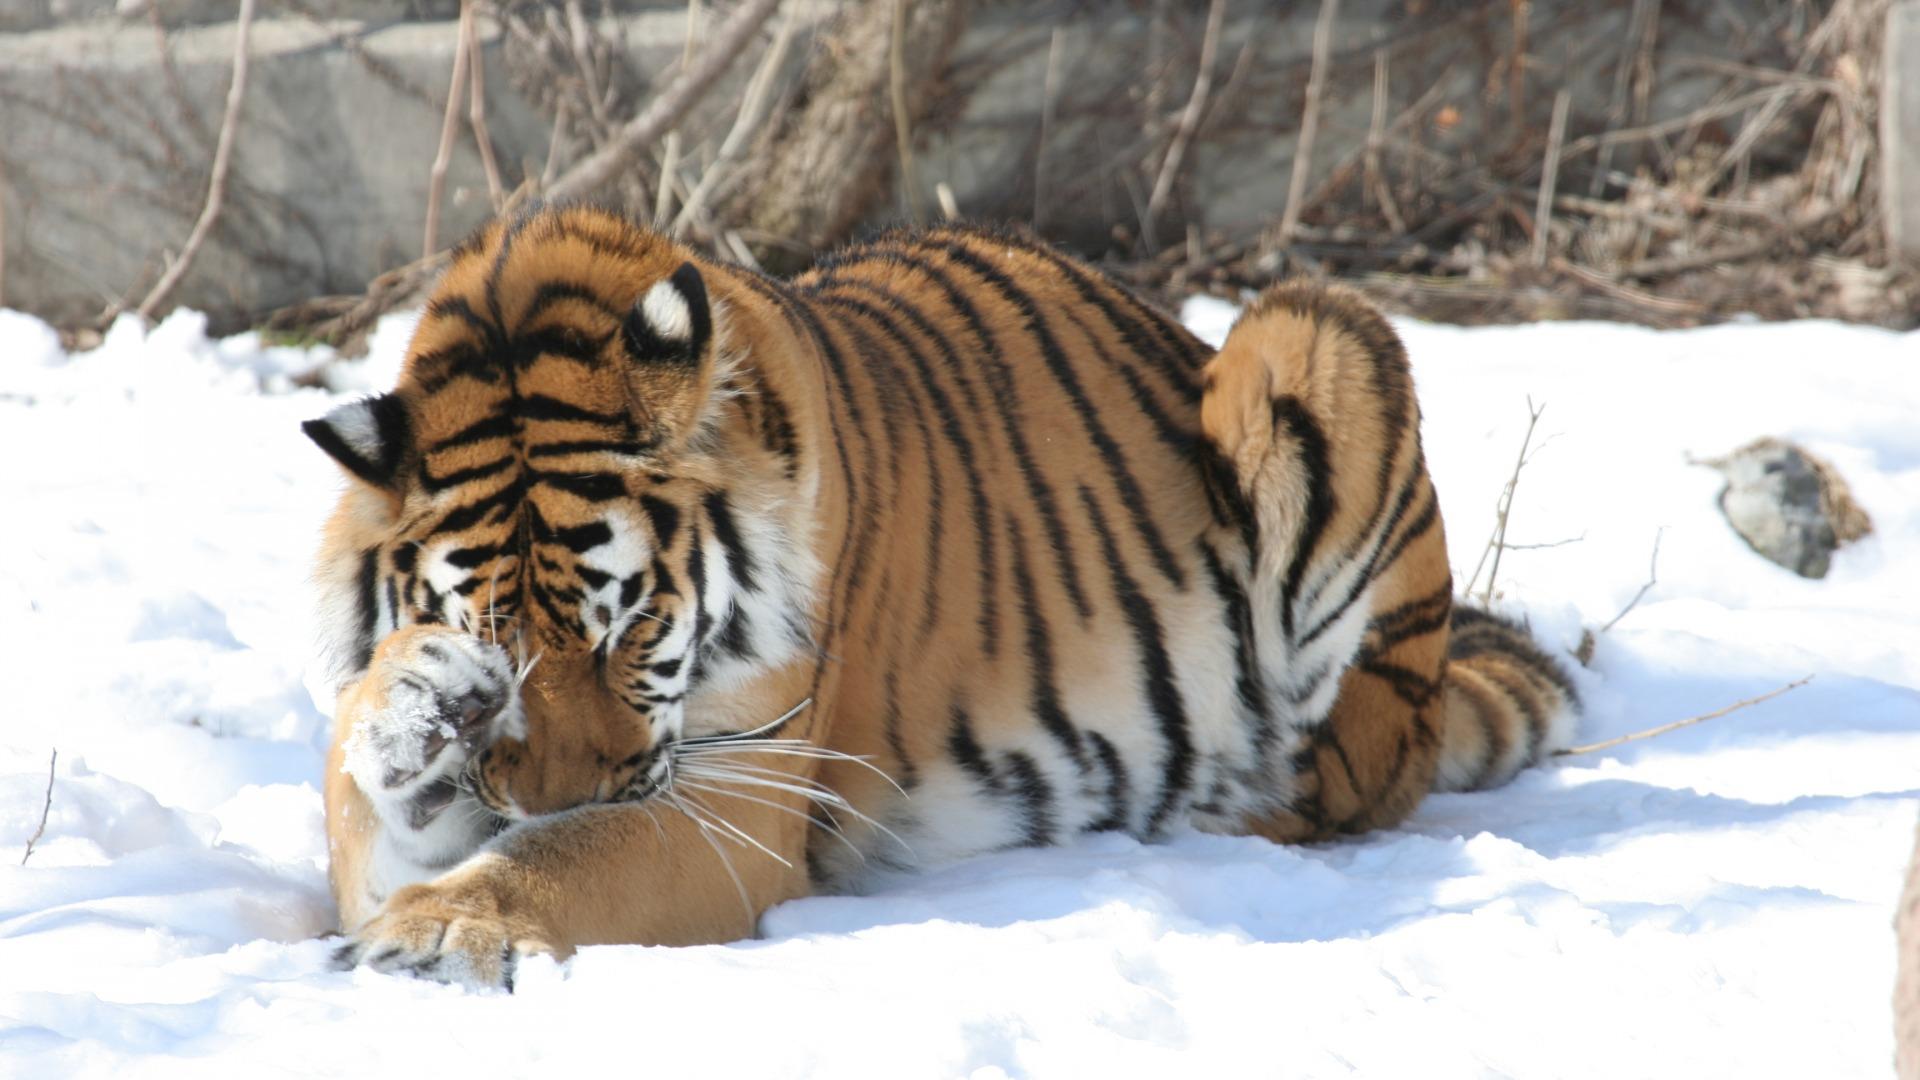 棕黄黑白条纹的老虎在雪地上可是非常的突出呀,厚厚的皮毛相信在偌大